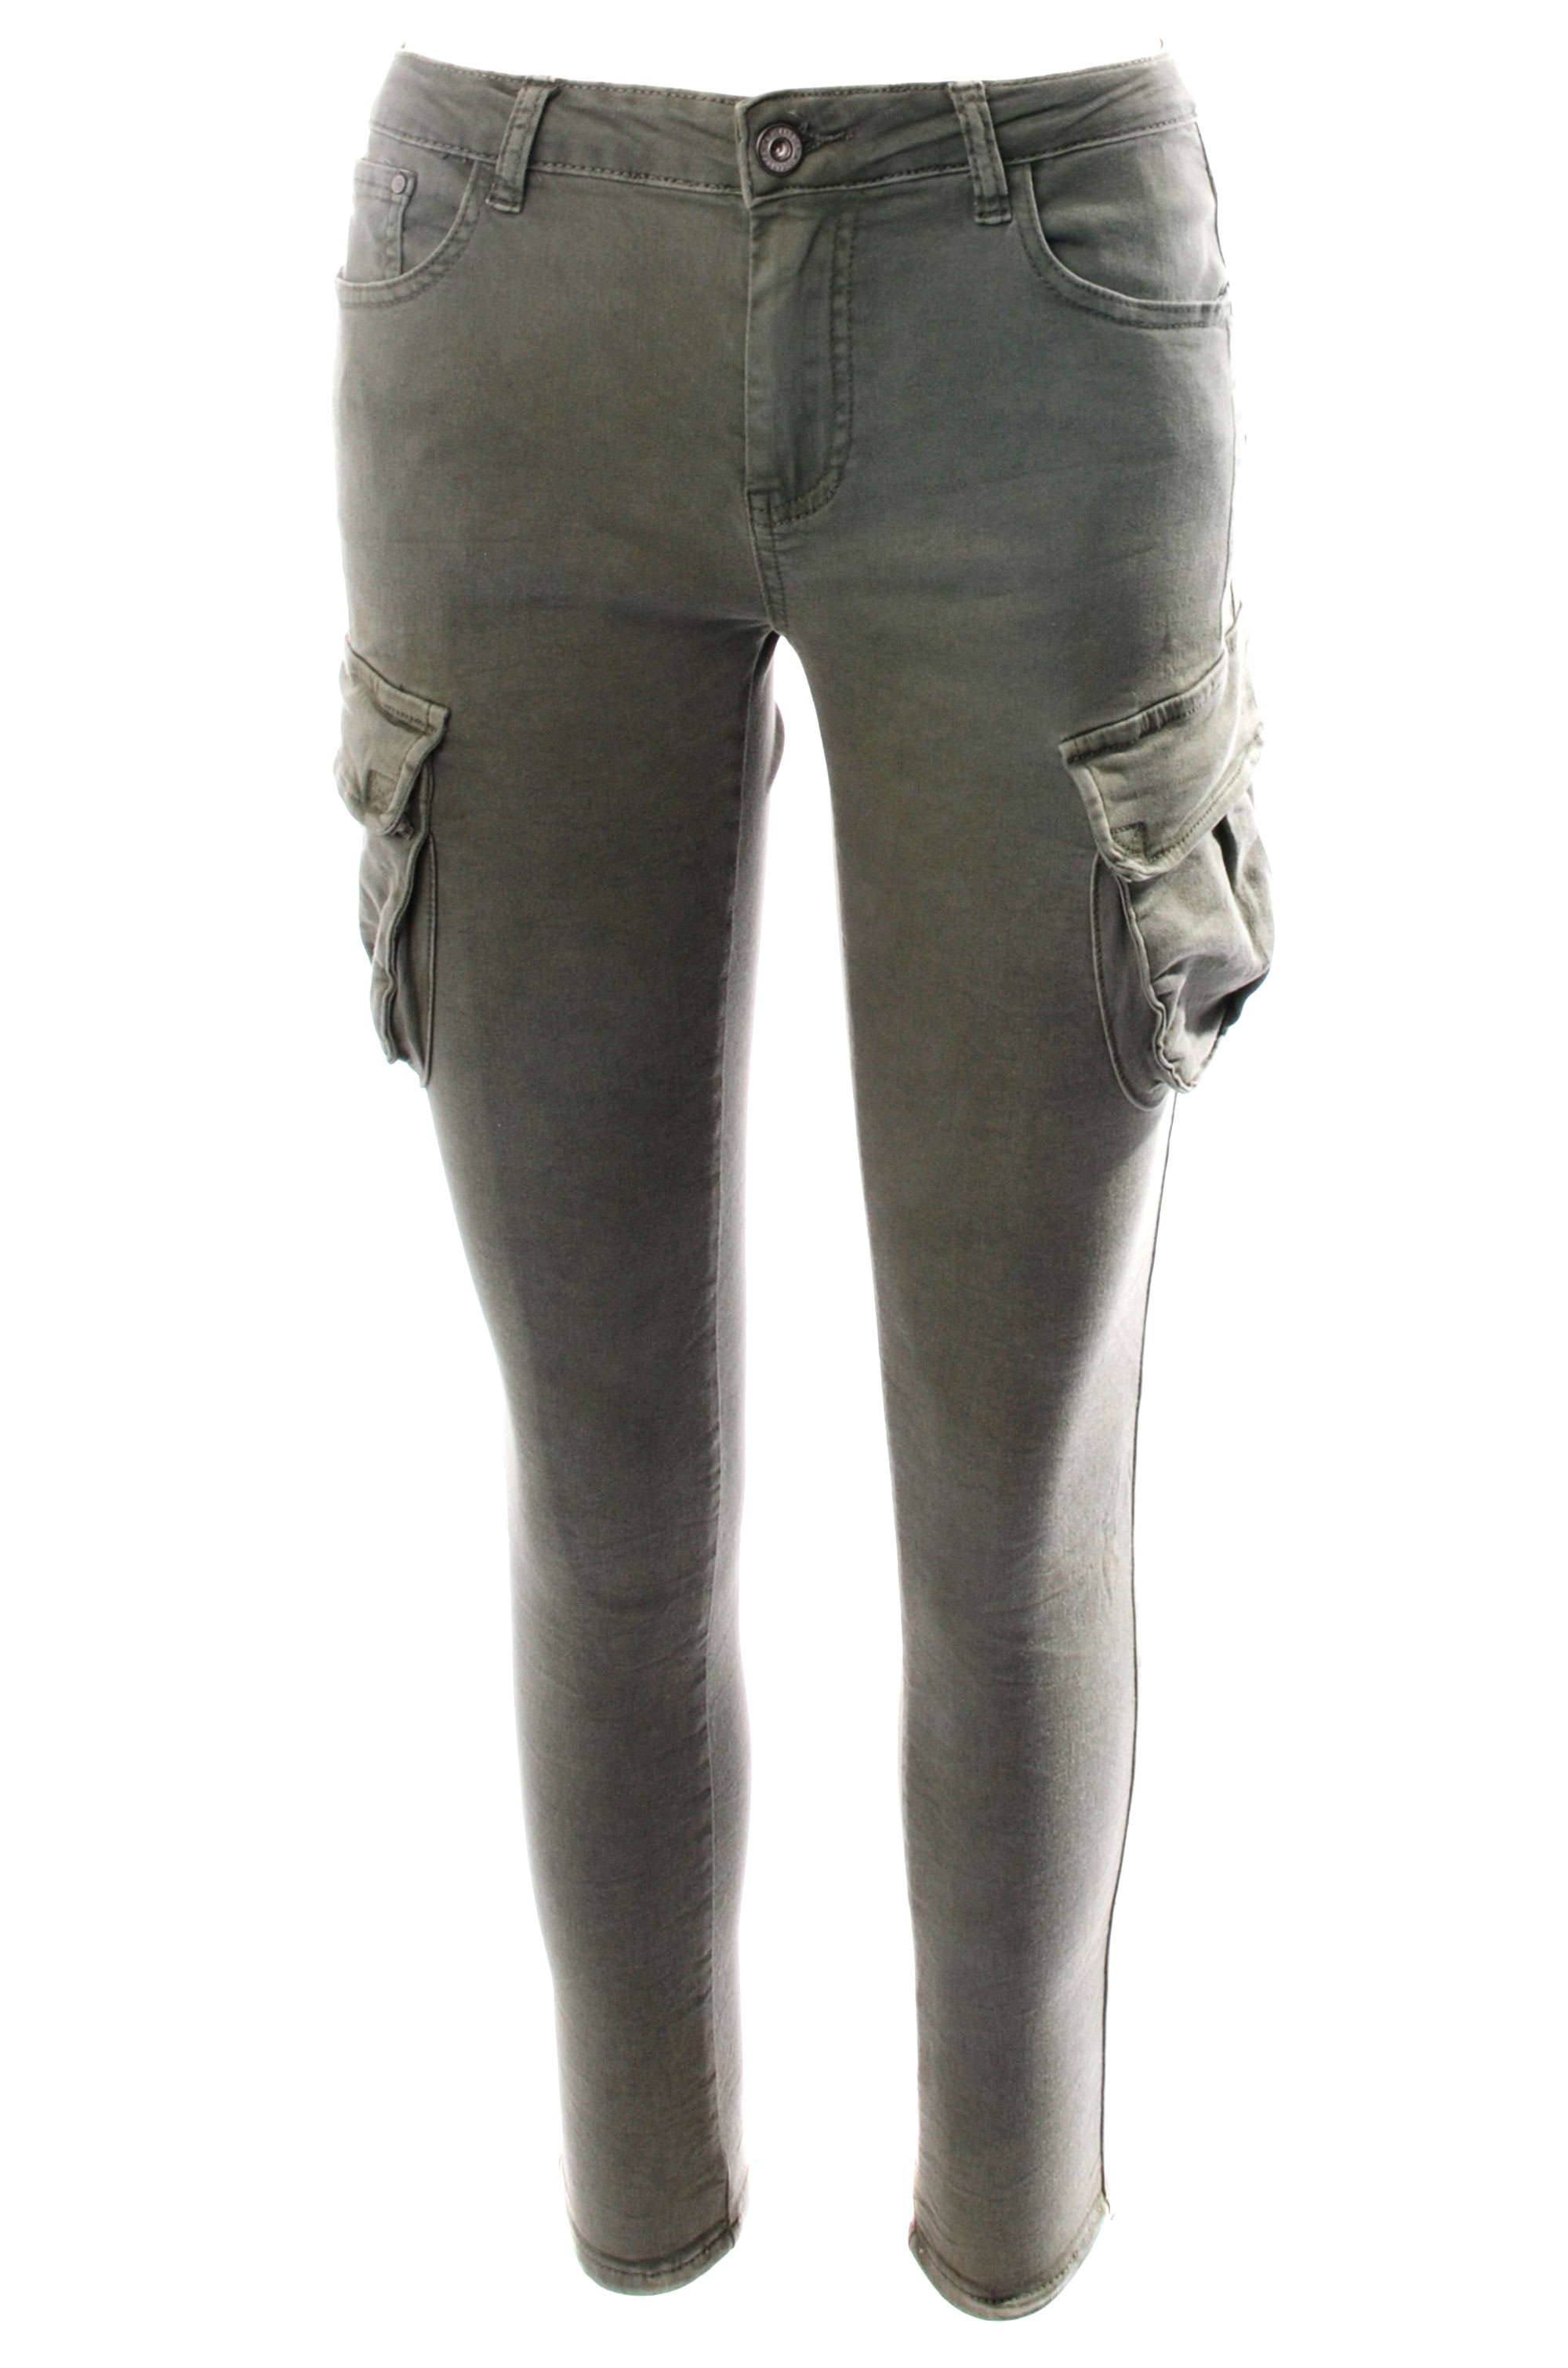 Spodnie - 42-6051 MILIT - Unisono